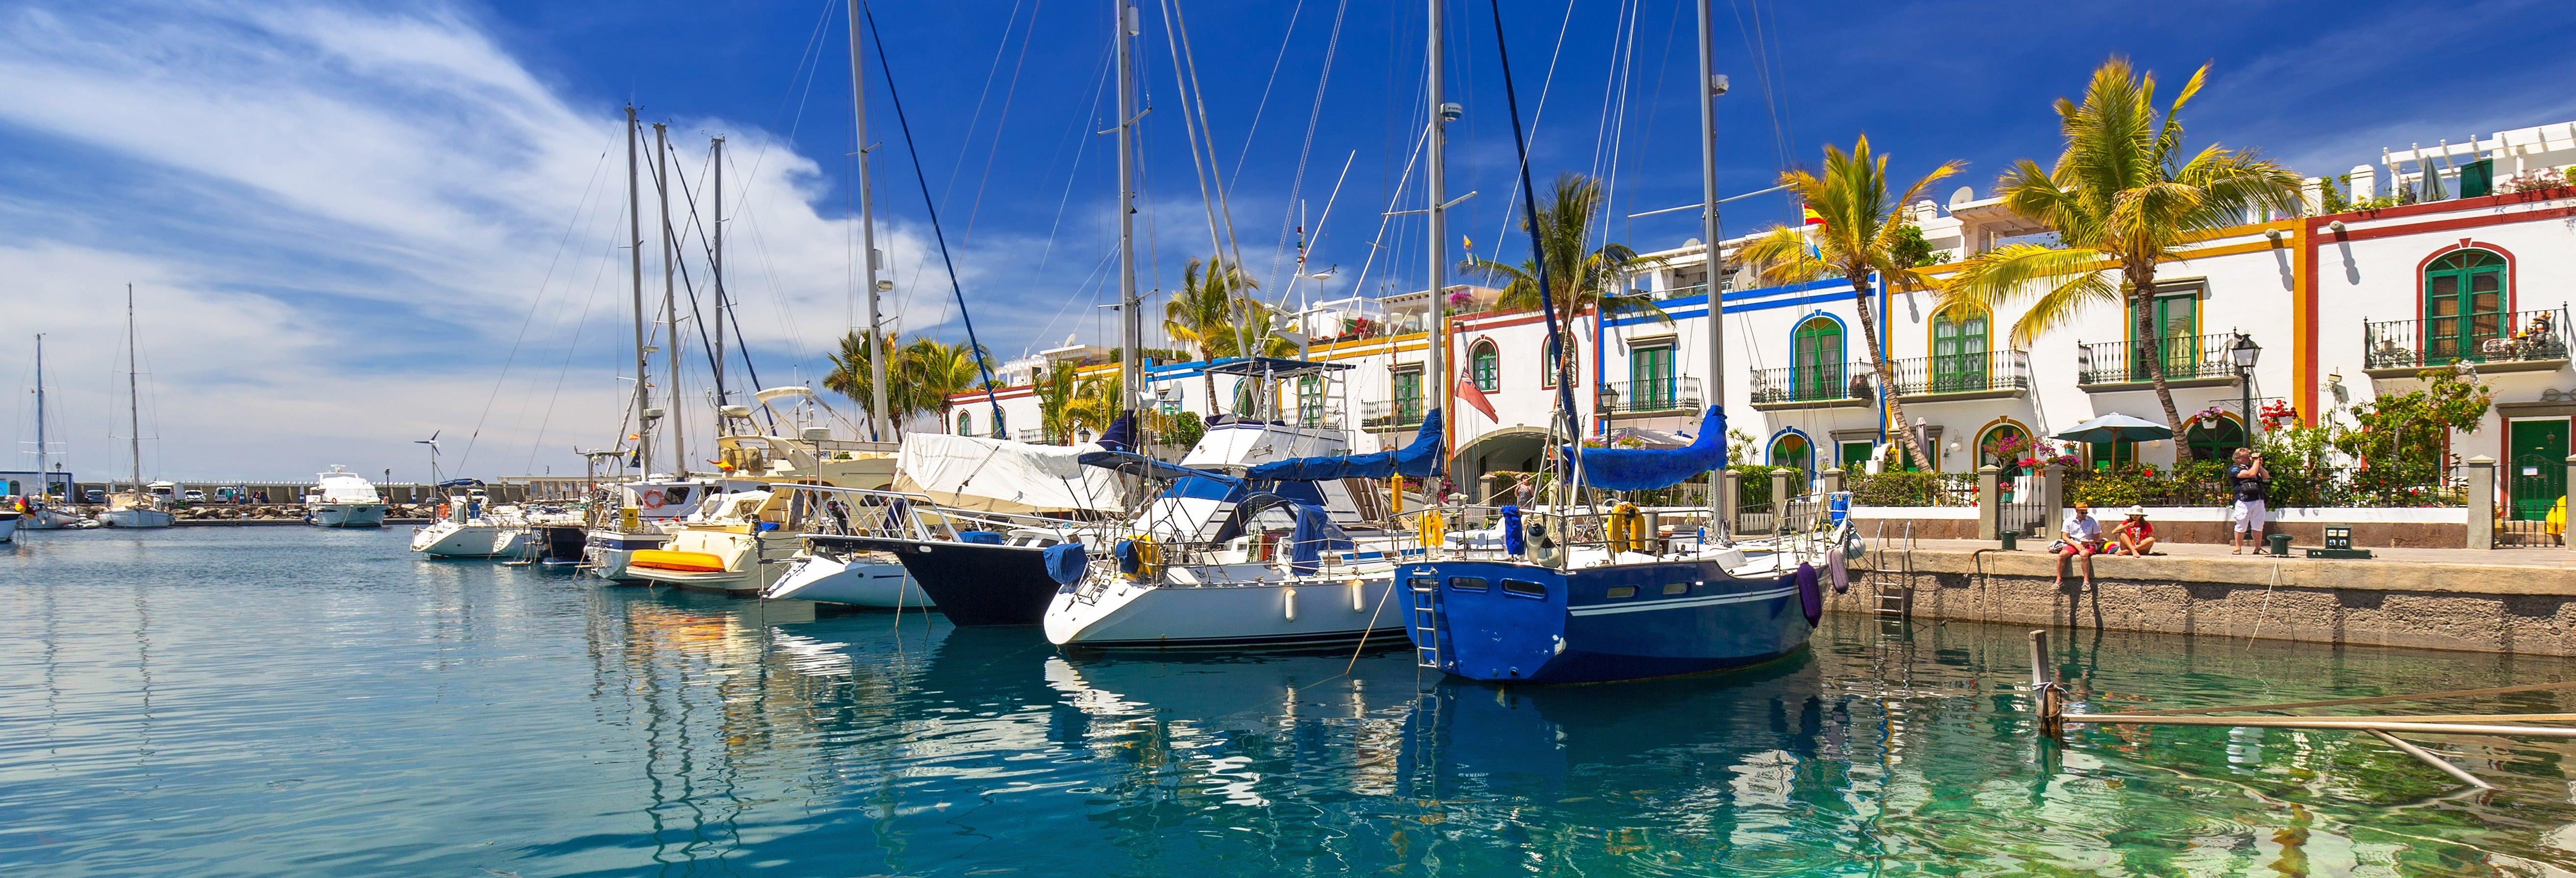 Excursión al Puerto de Mogán y su mercadillo